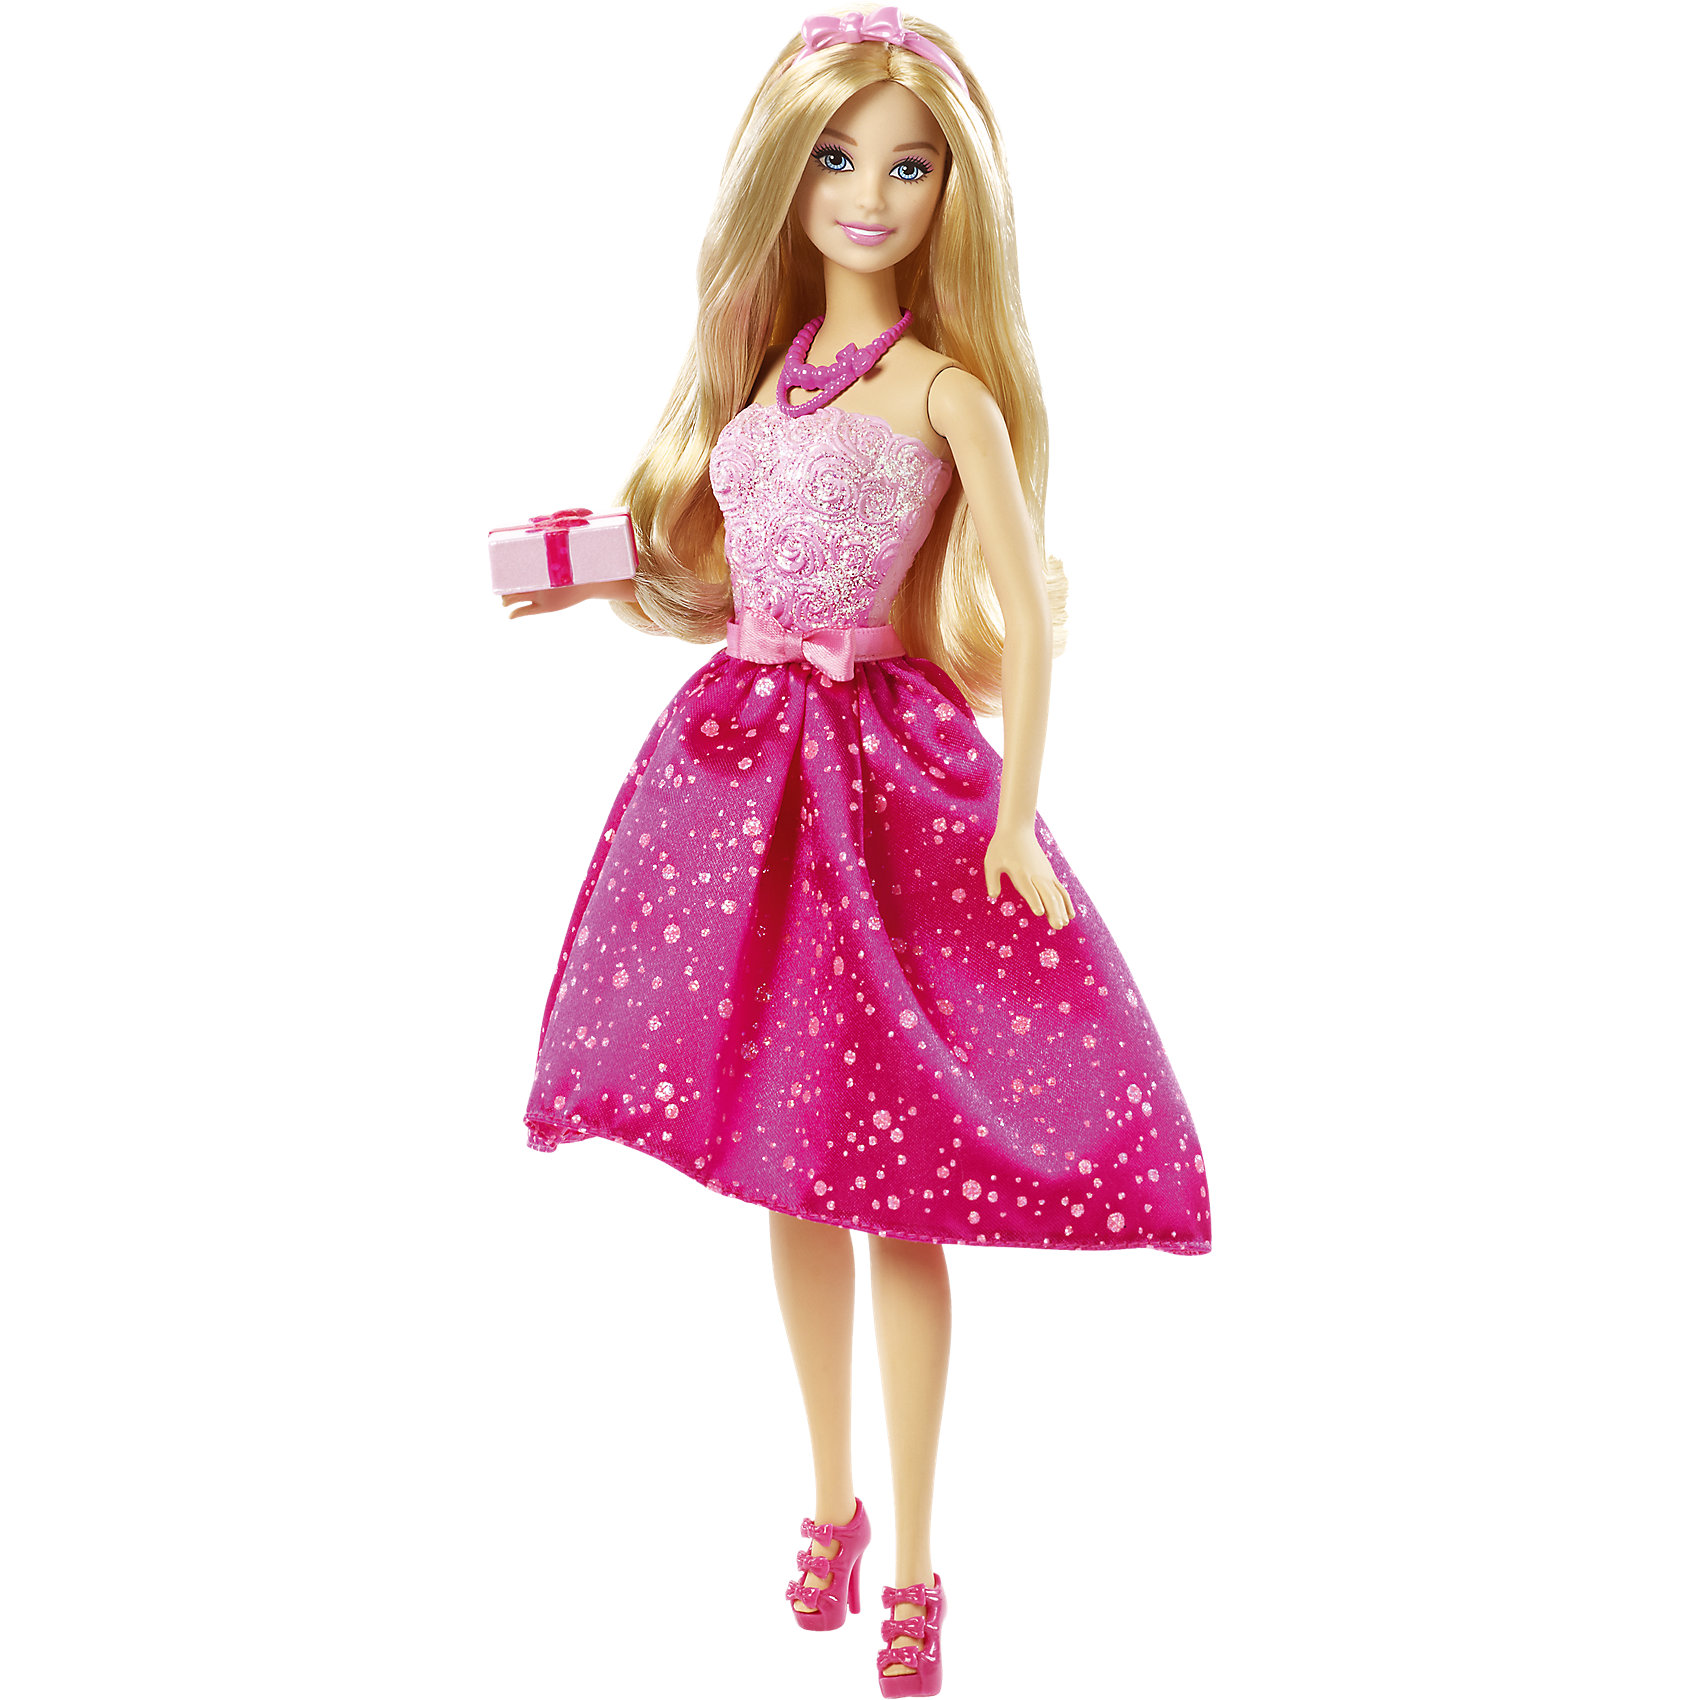 Кукла Barbie Happy BirthdayBarbie Игрушки<br>Характеристики куклы Барби:<br><br>• высота куклы – 29 см;<br>• шарнирные руки куклы, поднимаются вверх и в стороны, в локтях не сгибаются;<br>• ножки красавицы поднимаются и опускаются, Барби может занимать сидячую позу;<br>• голова куклы поворачивается;<br>• нейлоновые волосы куколки легко расчесываются, не путаются;<br>• наряд куклы Барби выполнен из полиэстера.<br><br>Любимица девочек, кукла Barbie собирается на день рождения! Яркий наряд красавицы, струящиеся золотистые волосы распущены, в руках подарок в подарочной упаковке. Обута Барби в босоножки. На головке ободок с бантиком, на шее – бусы. Аксессуары и одежда снимаются. <br><br>Комплектация игрового набора Mattel:<br><br>• кукла Барби;<br>• платье, босоножки;<br>• ободок, бусы;<br>• подарок.<br><br>Куклу Barbie Happy Birthday можно купить в нашем интернет-магазине.<br><br>Ширина мм: 330<br>Глубина мм: 165<br>Высота мм: 66<br>Вес г: 247<br>Возраст от месяцев: 36<br>Возраст до месяцев: 72<br>Пол: Женский<br>Возраст: Детский<br>SKU: 4349925